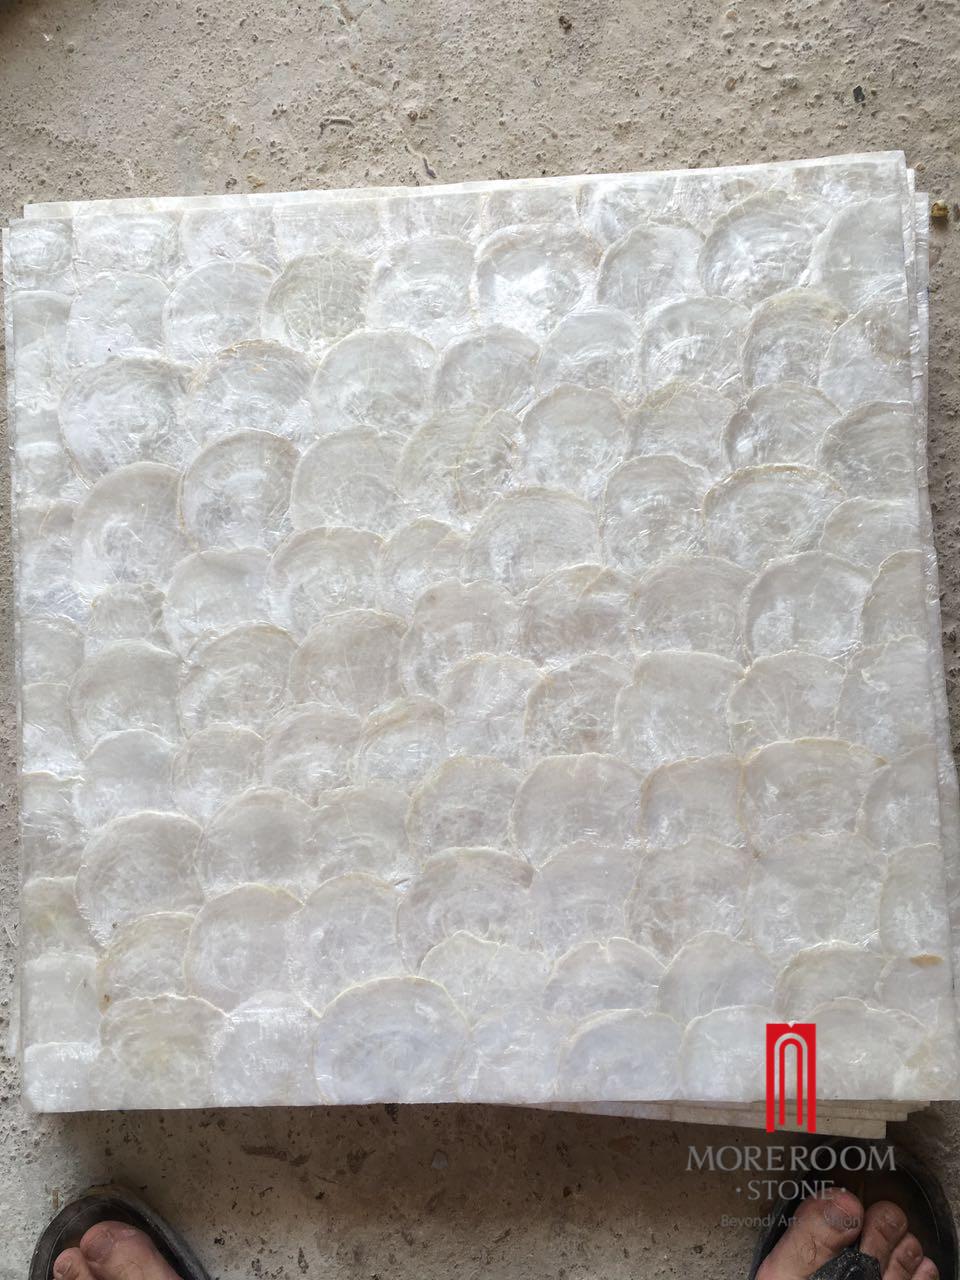 Prix Usine De Nacre Mosaïque Avec Nid D'abeille En Aluminium Support Pour  La Maison - Buy Mère De Poire Mosaïque,prix Usine Mère De Poire,mosaïque intérieur Support Pour Mosaique